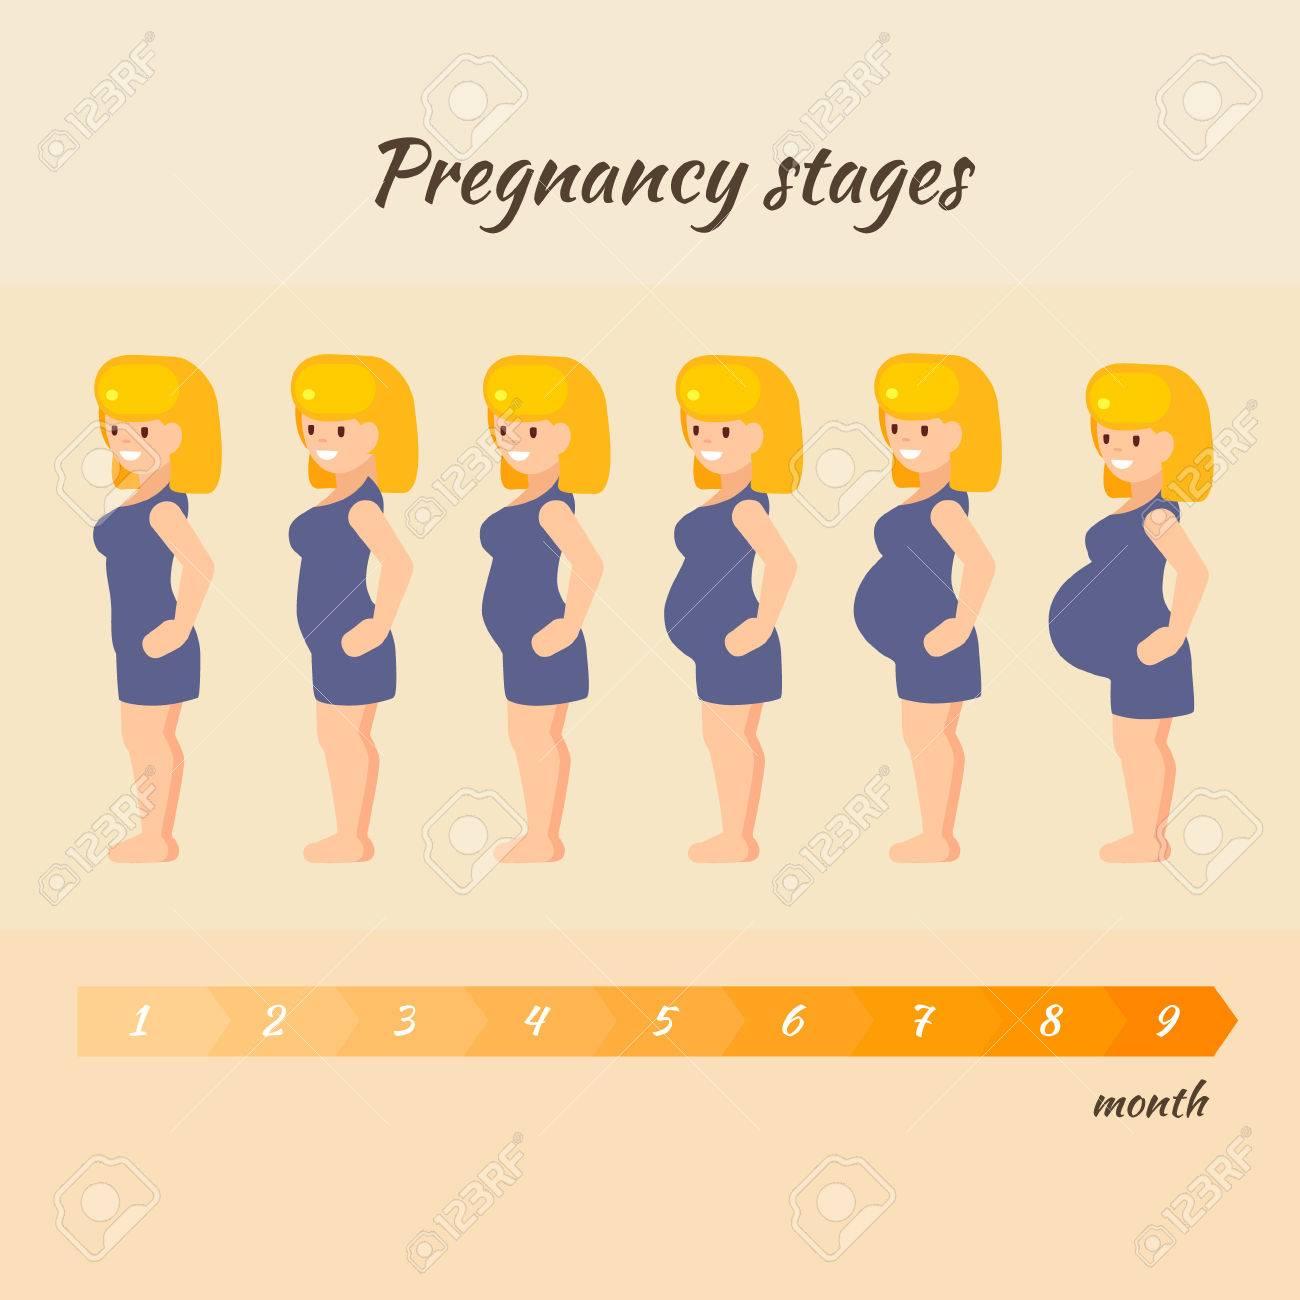 a181b61dd Etapas del embarazo de la mujer. Ilustración del vector de la mujer  embarazada en diferente